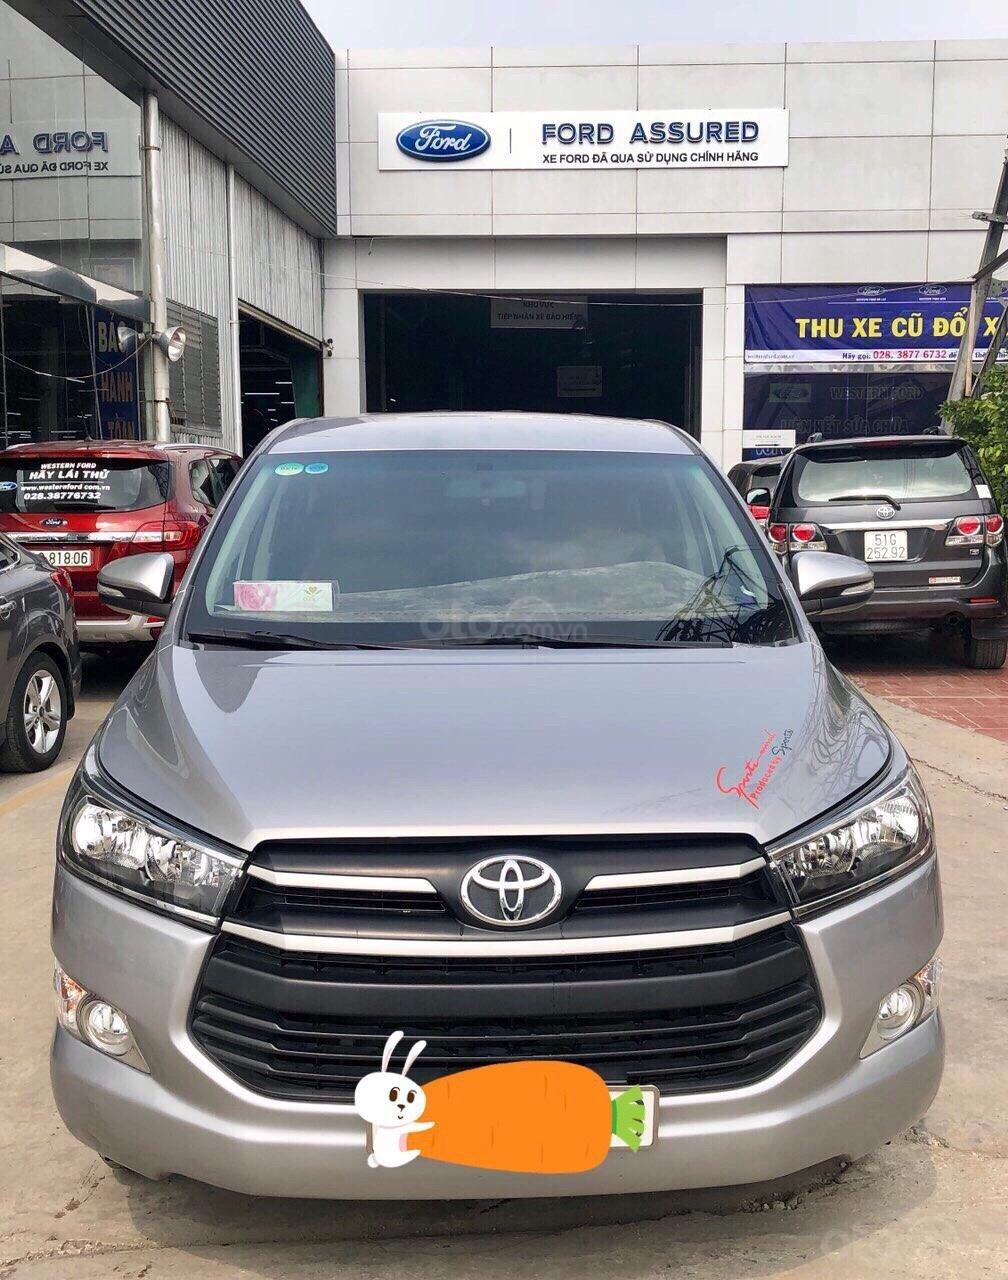 Toyota Innova 2.0E MT 2017, xe bán tại hãng Ford An Lạc-0